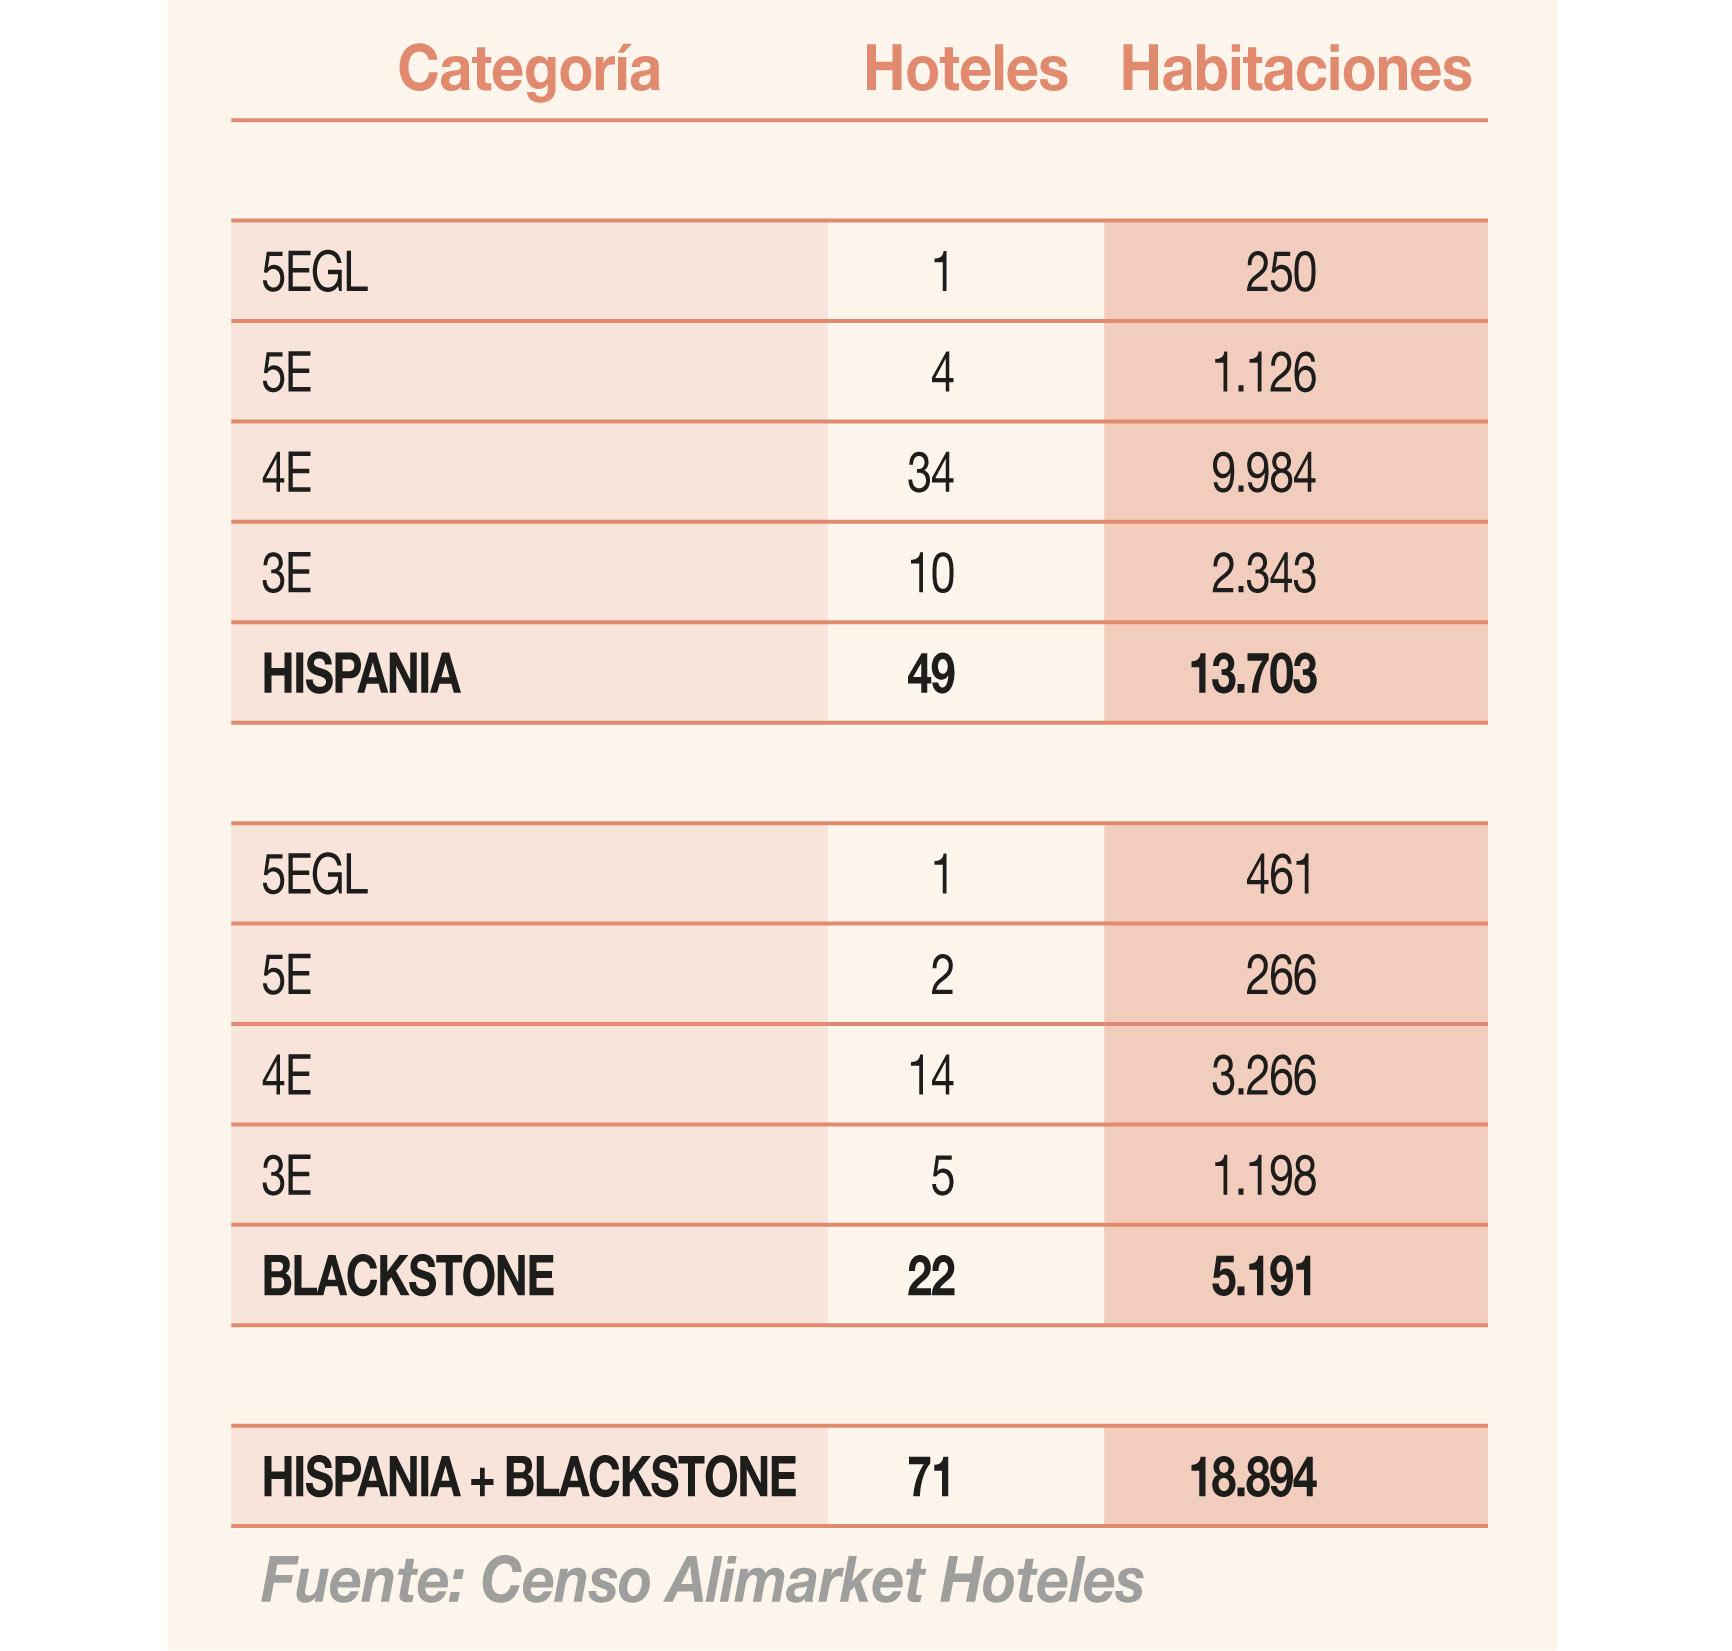 Reparto del catálogo hotelero de Hispania y Blackstone por categoría